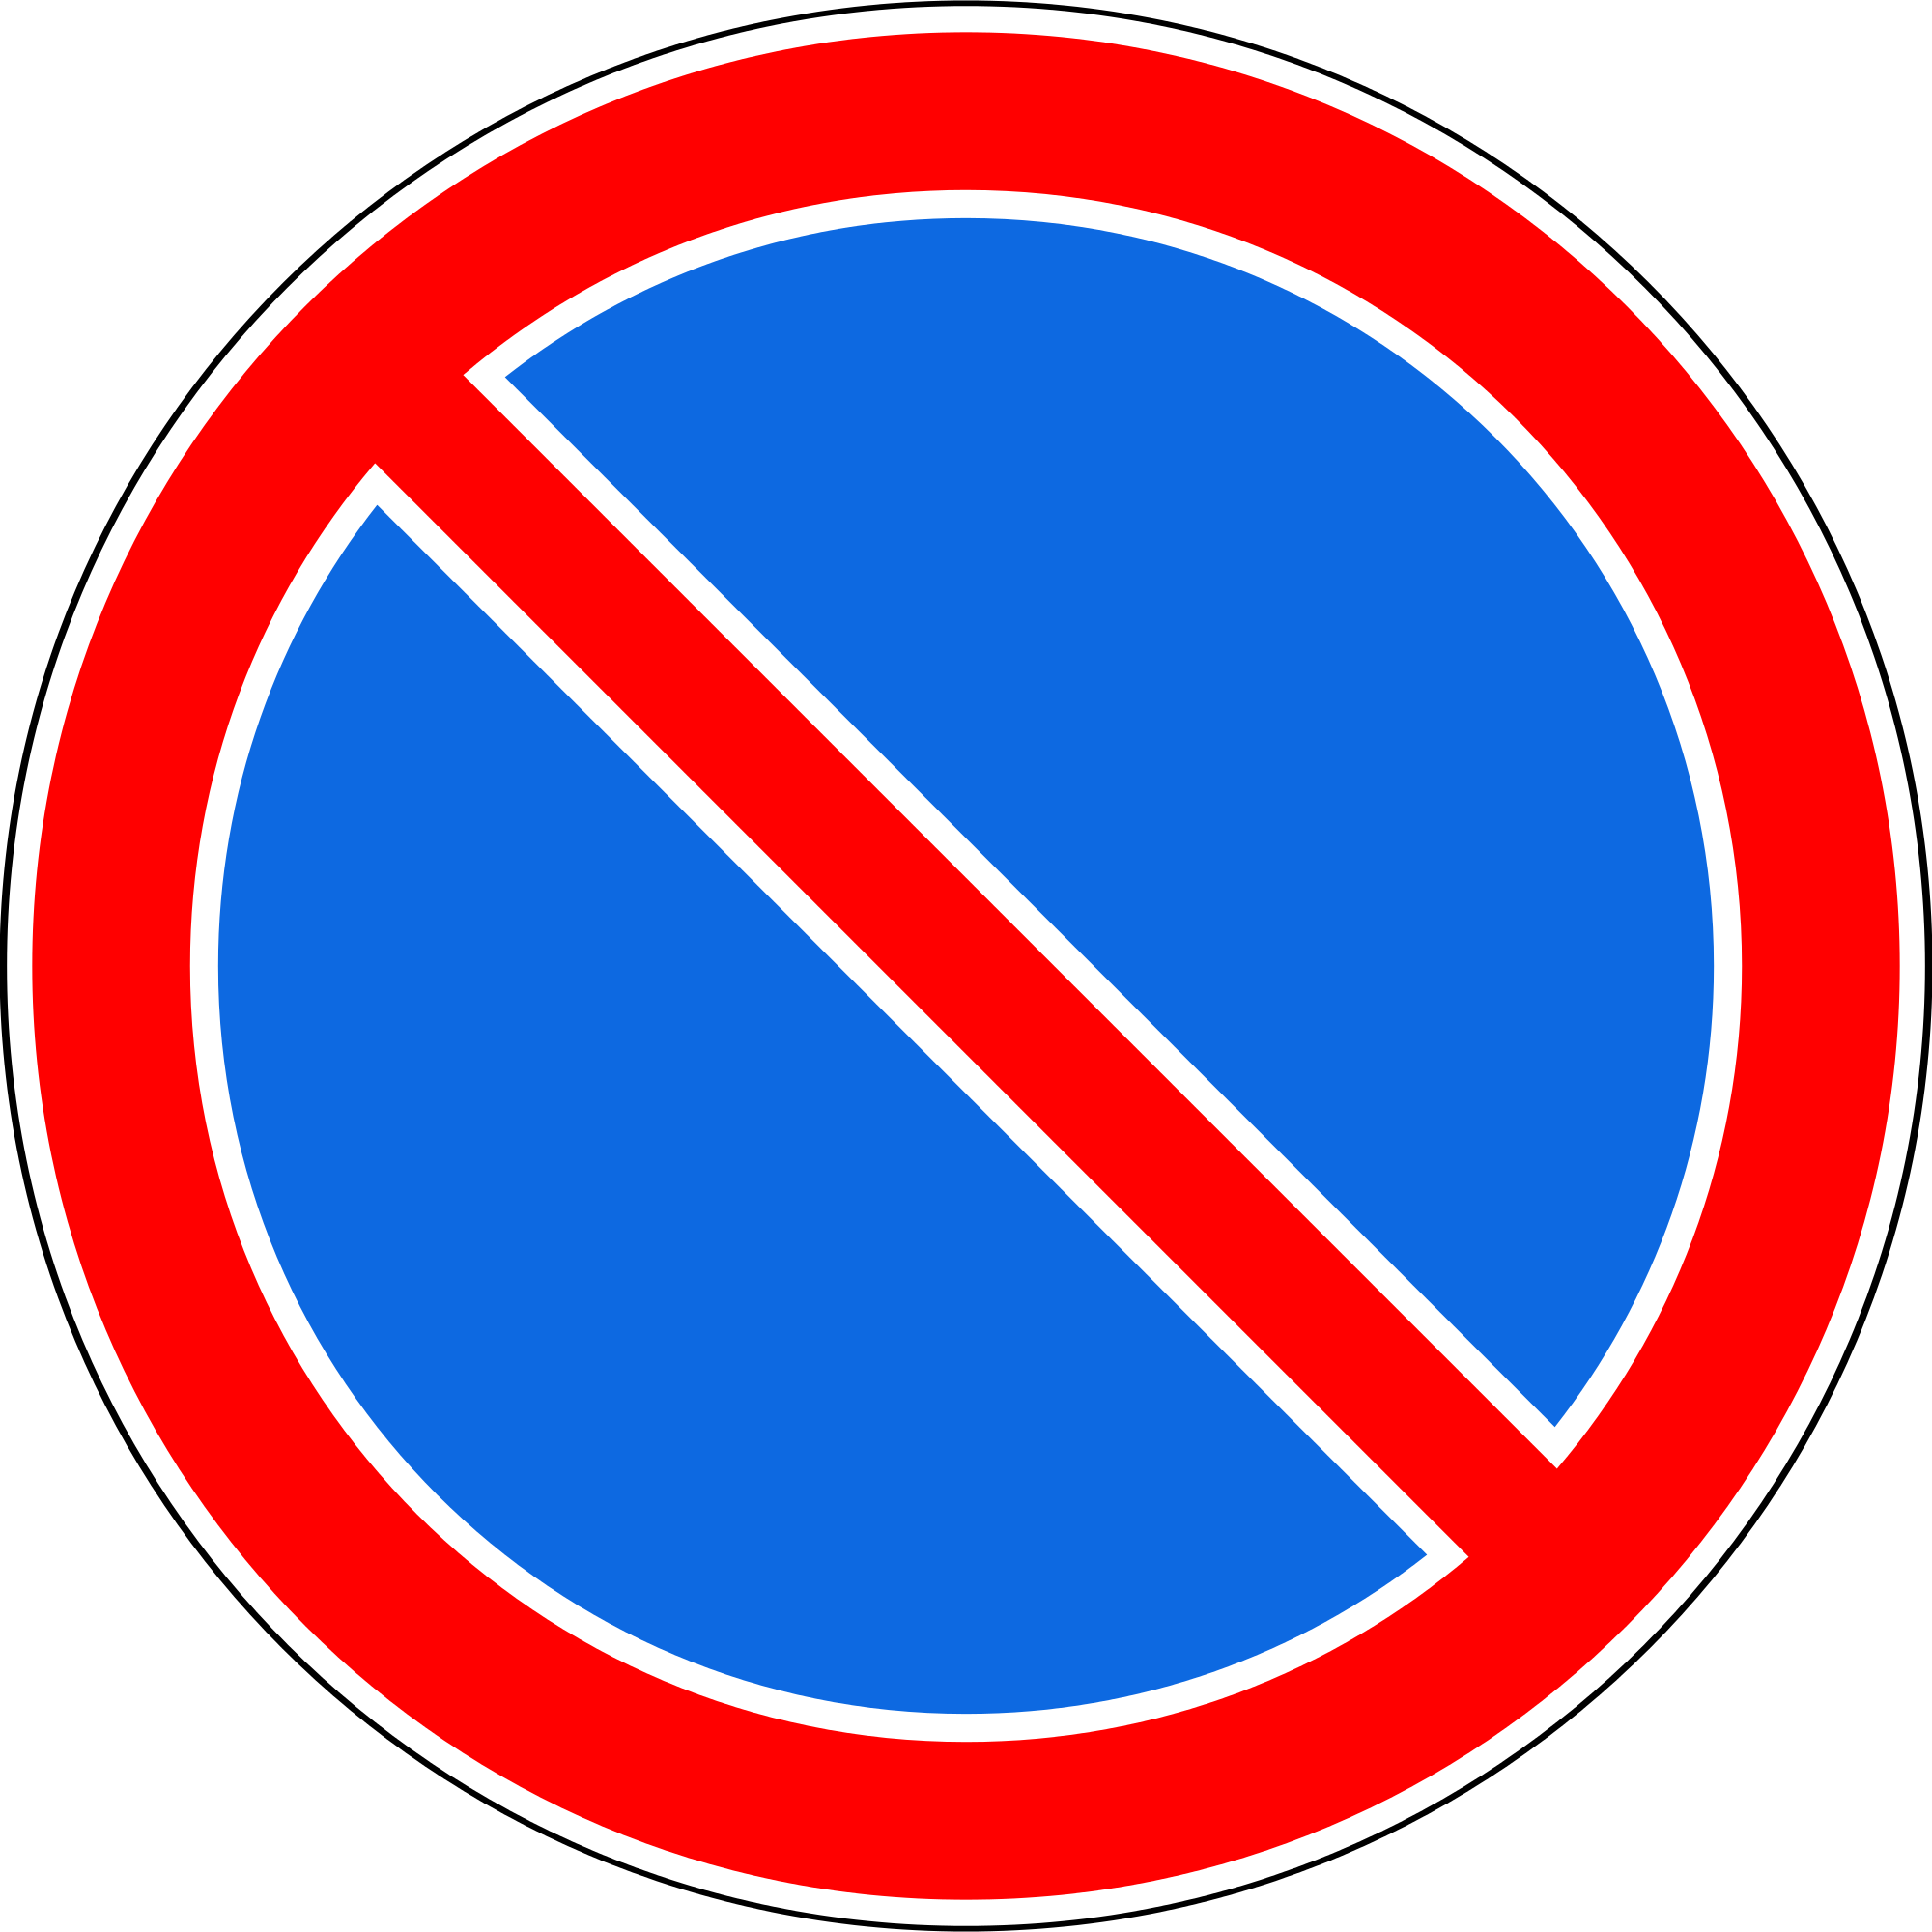 знак стоянка запрещена со знаком зона действия